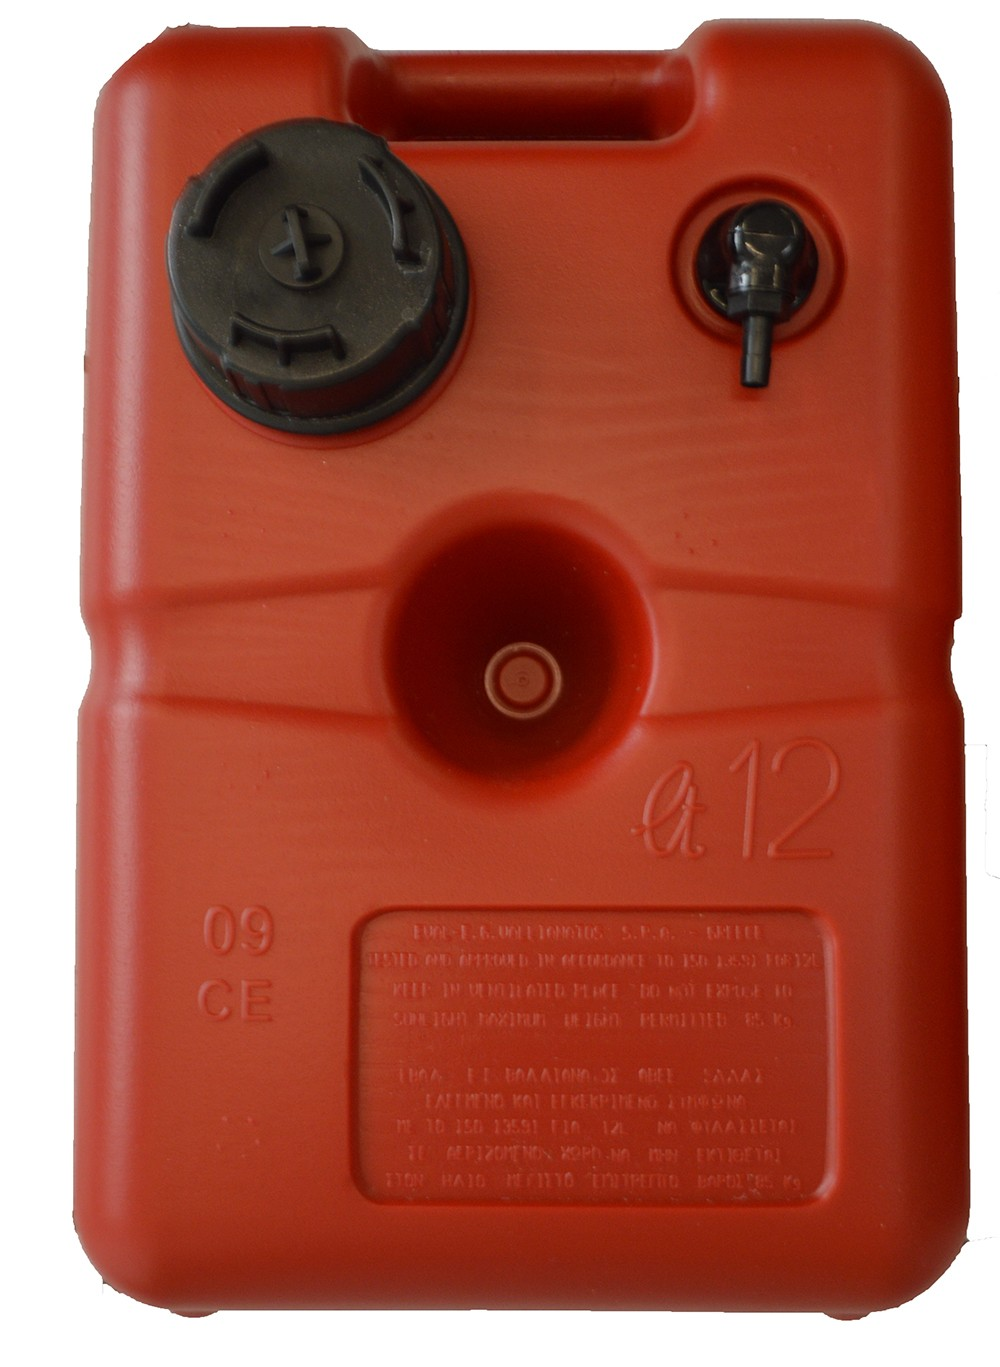 24.47 - Ρεζερβουάρ Καυσίμου EVAL Εγκεκριμένο CE 12lt